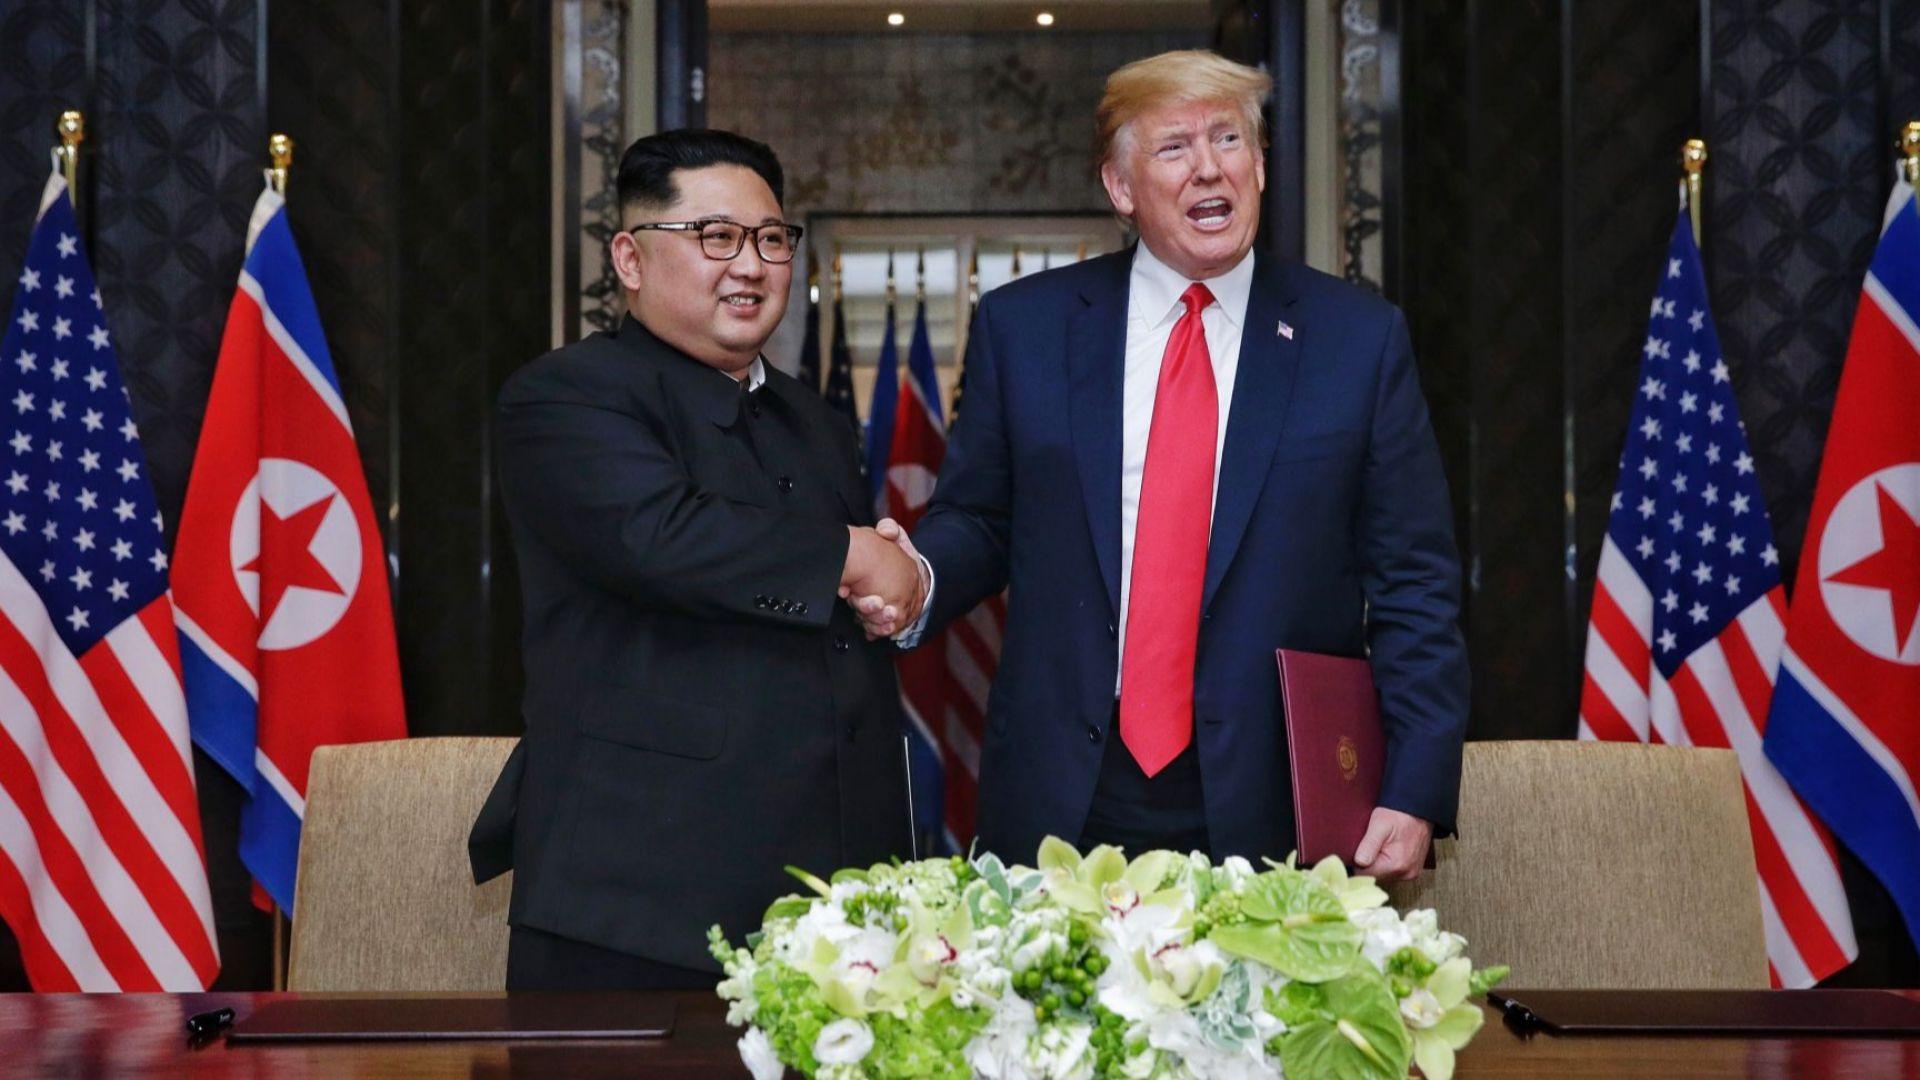 САЩ обвиниха Пхенян, че нарушава санкции на ООН